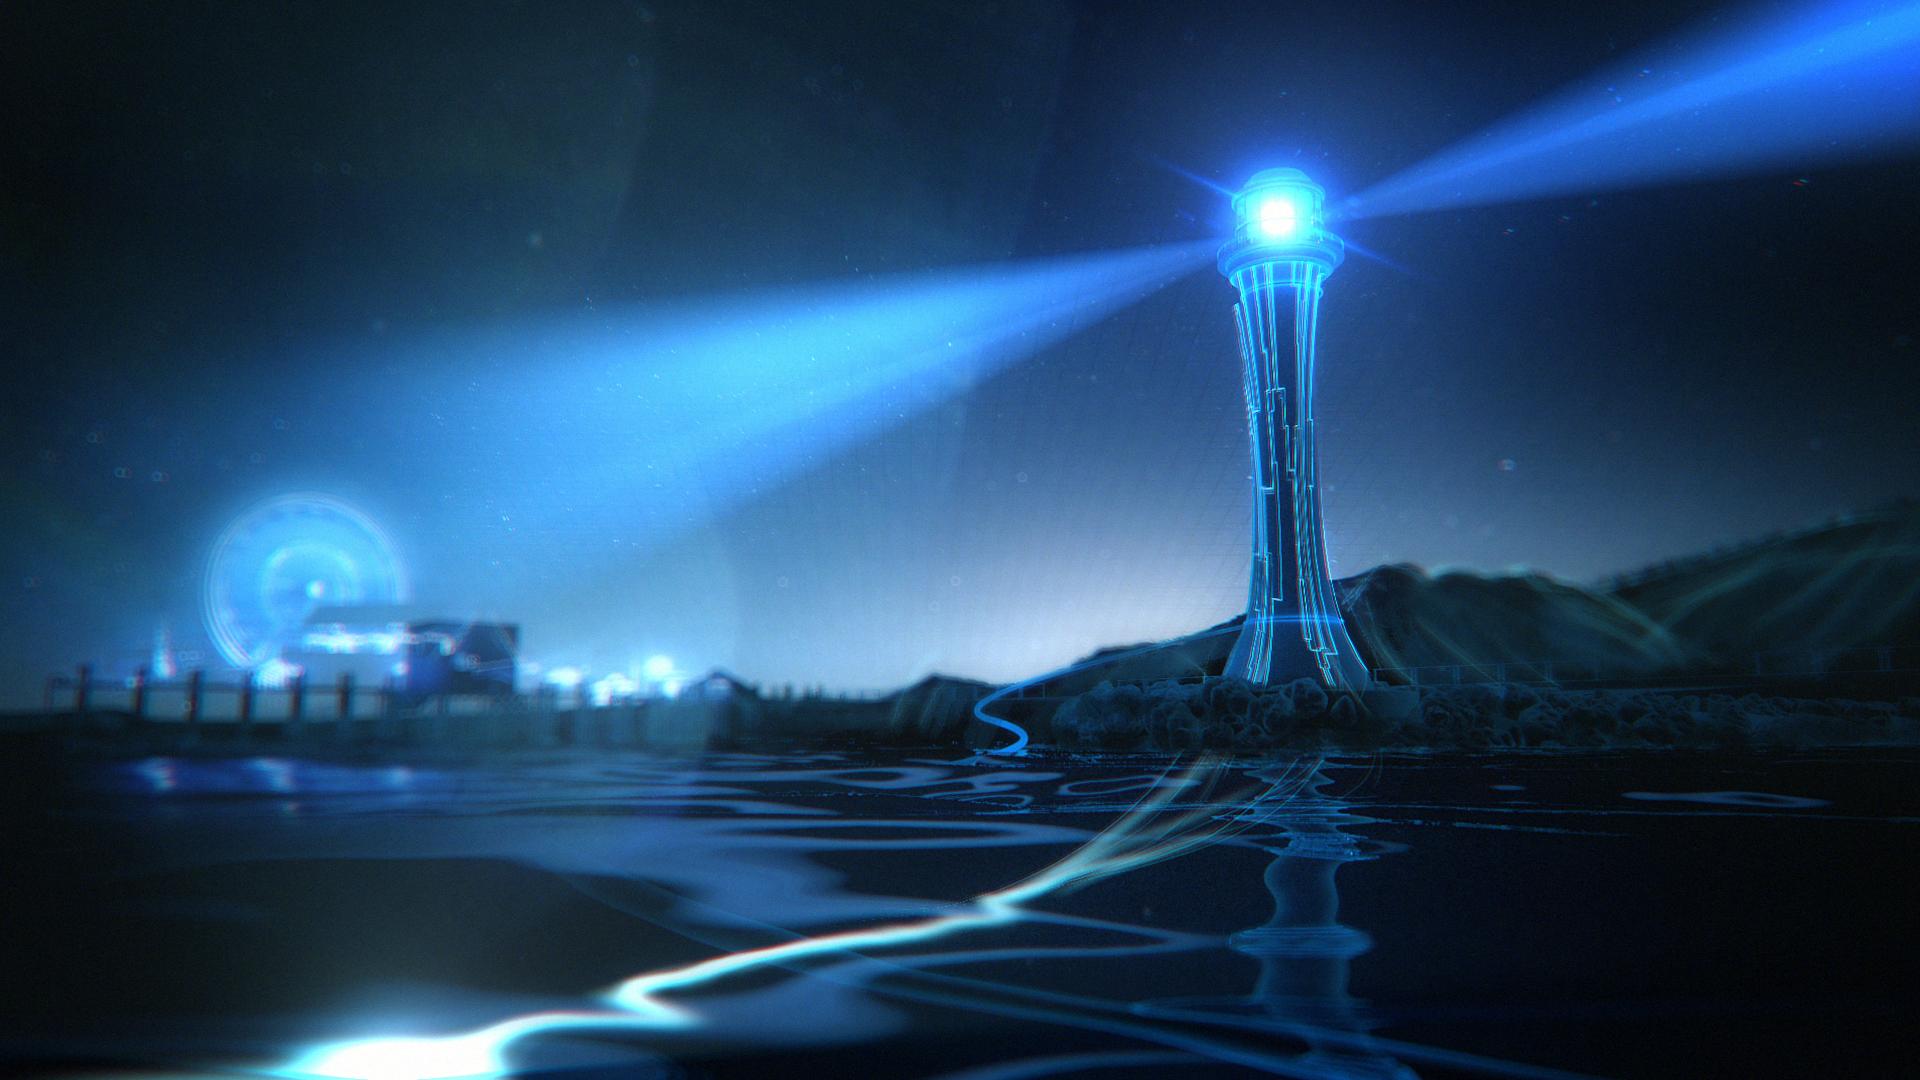 daniel-margiotta-lighthouse-v001.jpg